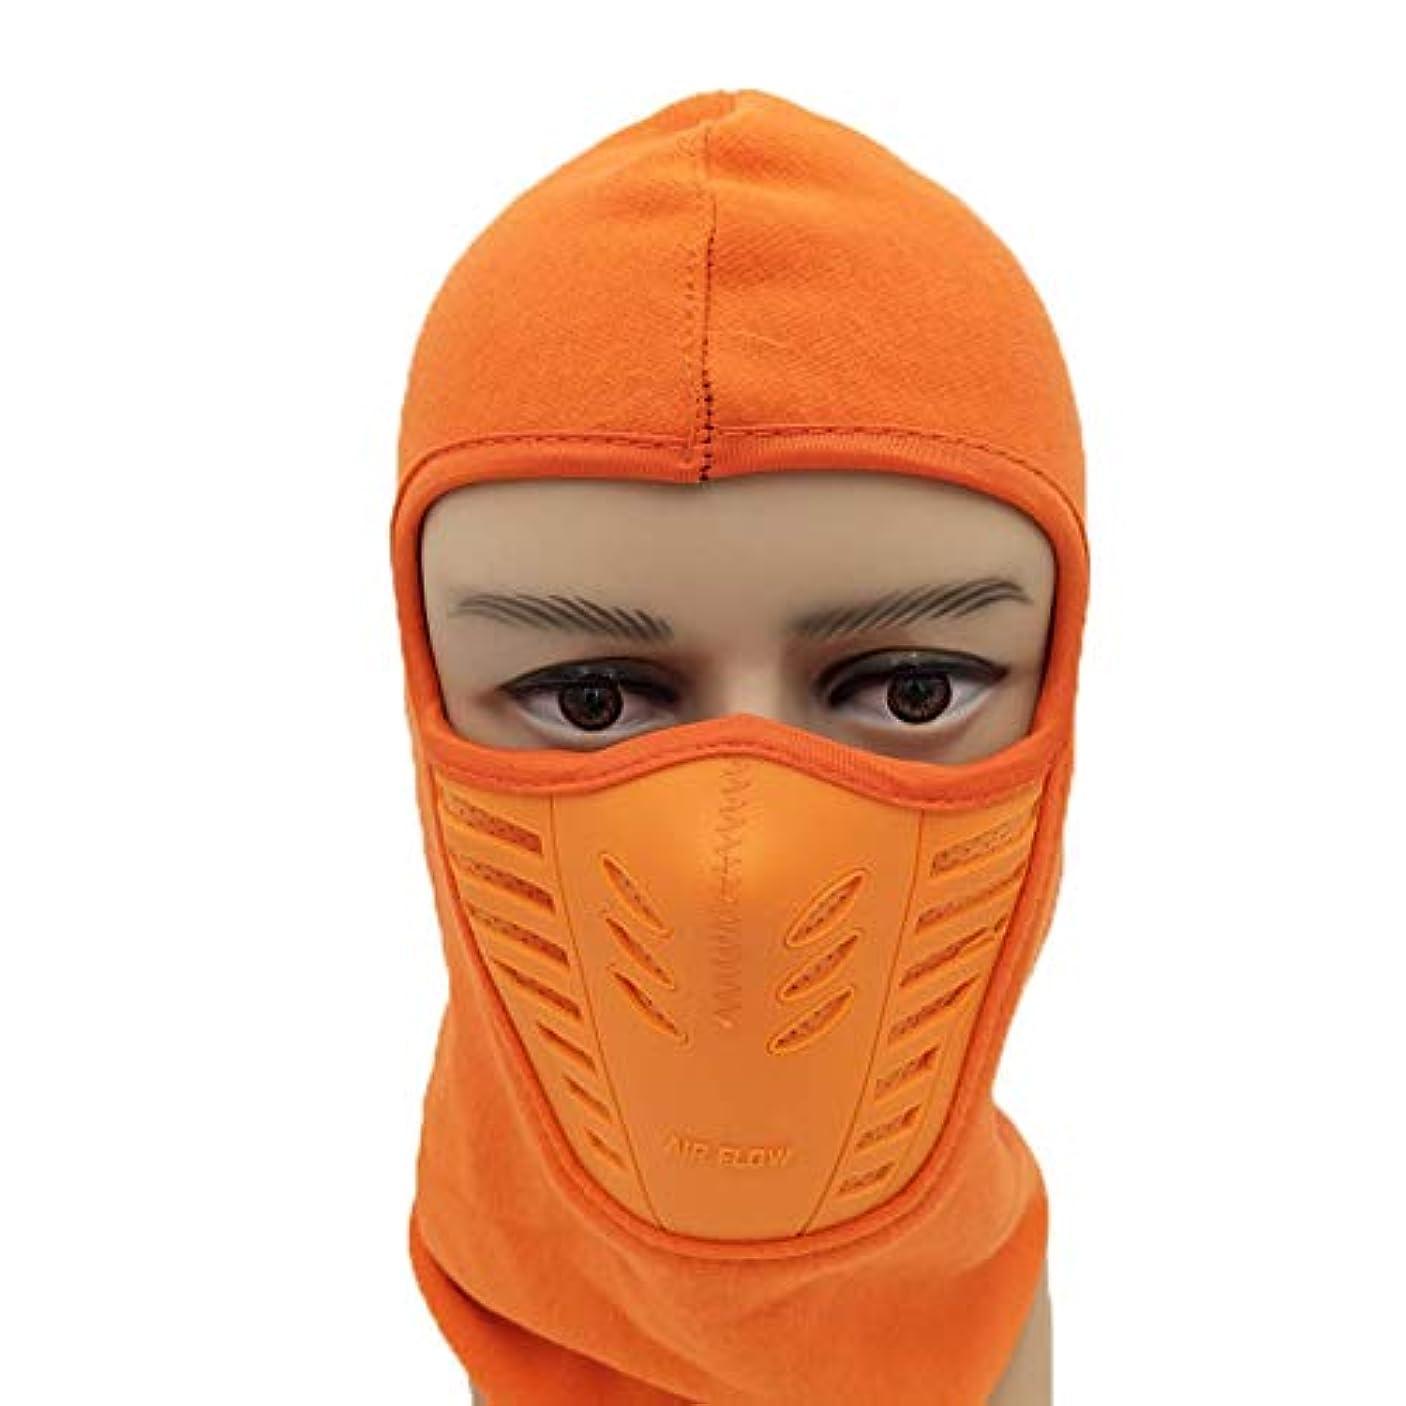 主流洗練怒りCoolTack ウィンターフリースネックウォーマー、フェイスマスクカバー、厚手ロングネックガーターチューブ、ビーニーネックウォーマーフード、ウィンターアウトドアスポーツマスク防風フード帽子